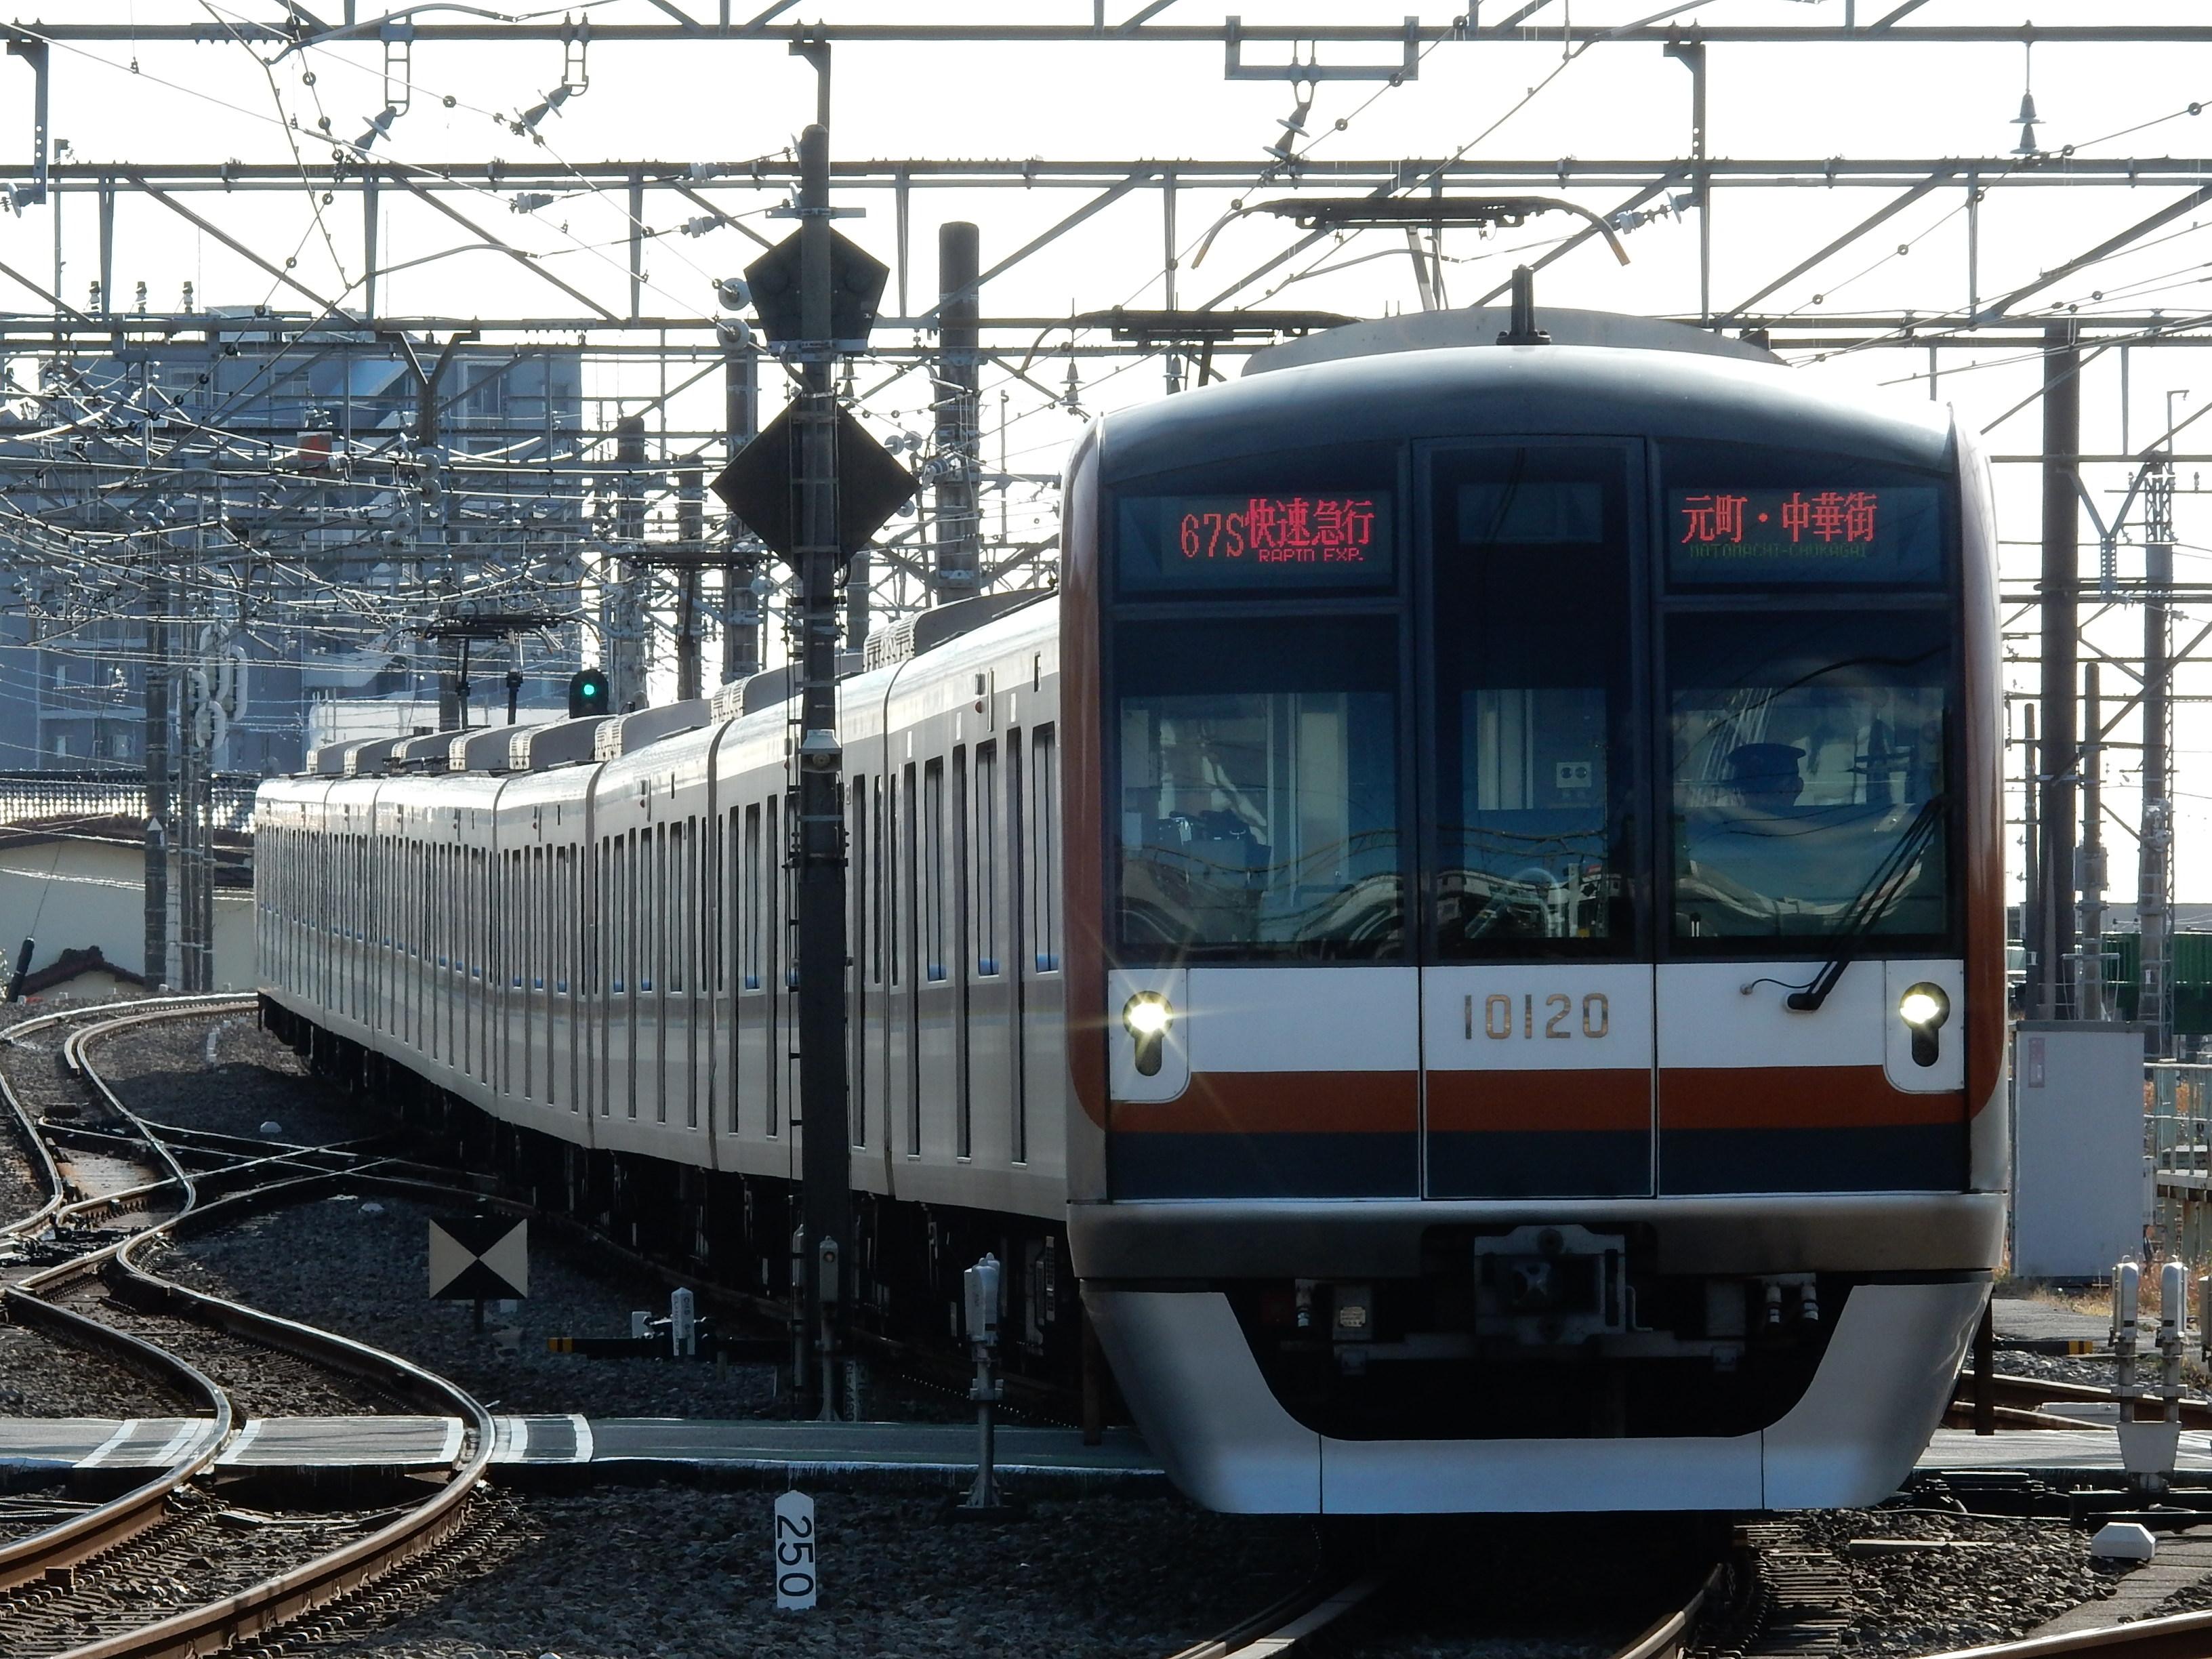 DSCN8889.jpg